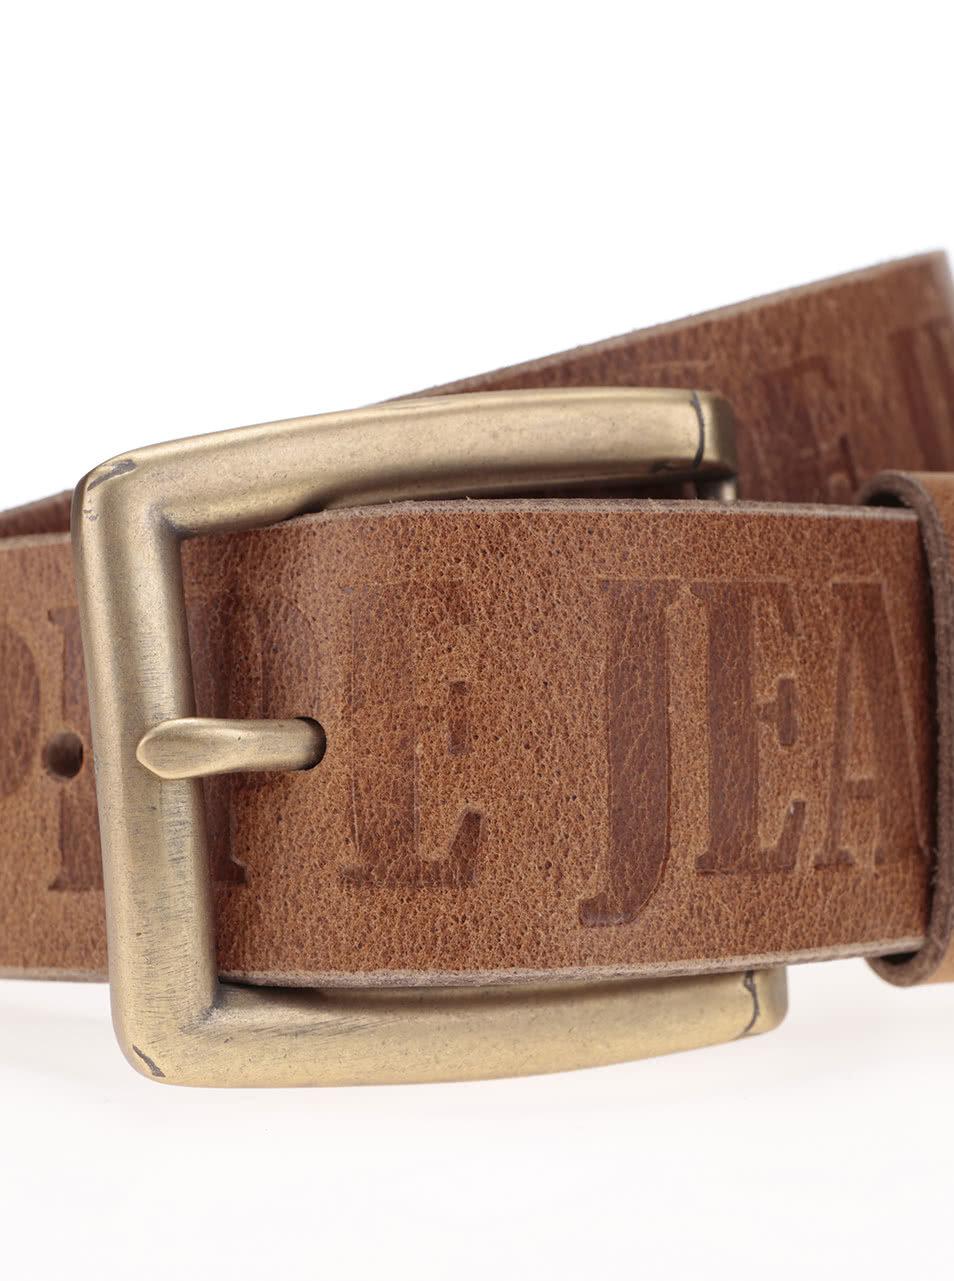 Hnědý pánský kožený pásek se vzorem Pepe Jeans Sauco ... 2db003d02a